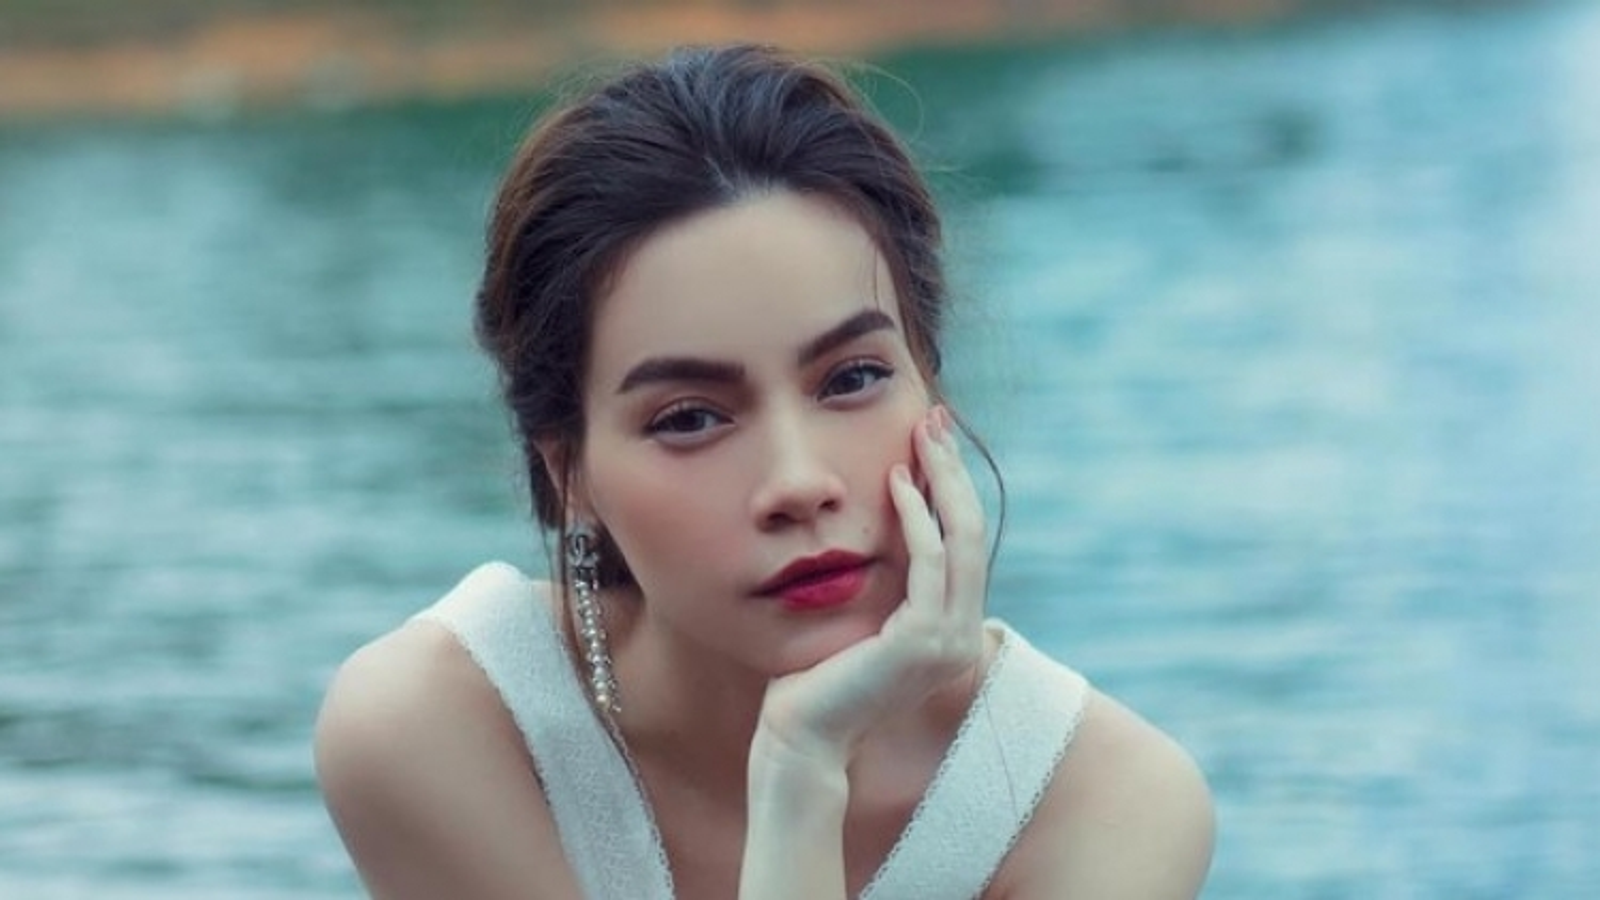 Chuyện showbiz: Nỗi lo lắng và trăn trở của Hồ Ngọc Hà ở tháng cuối thai kỳ